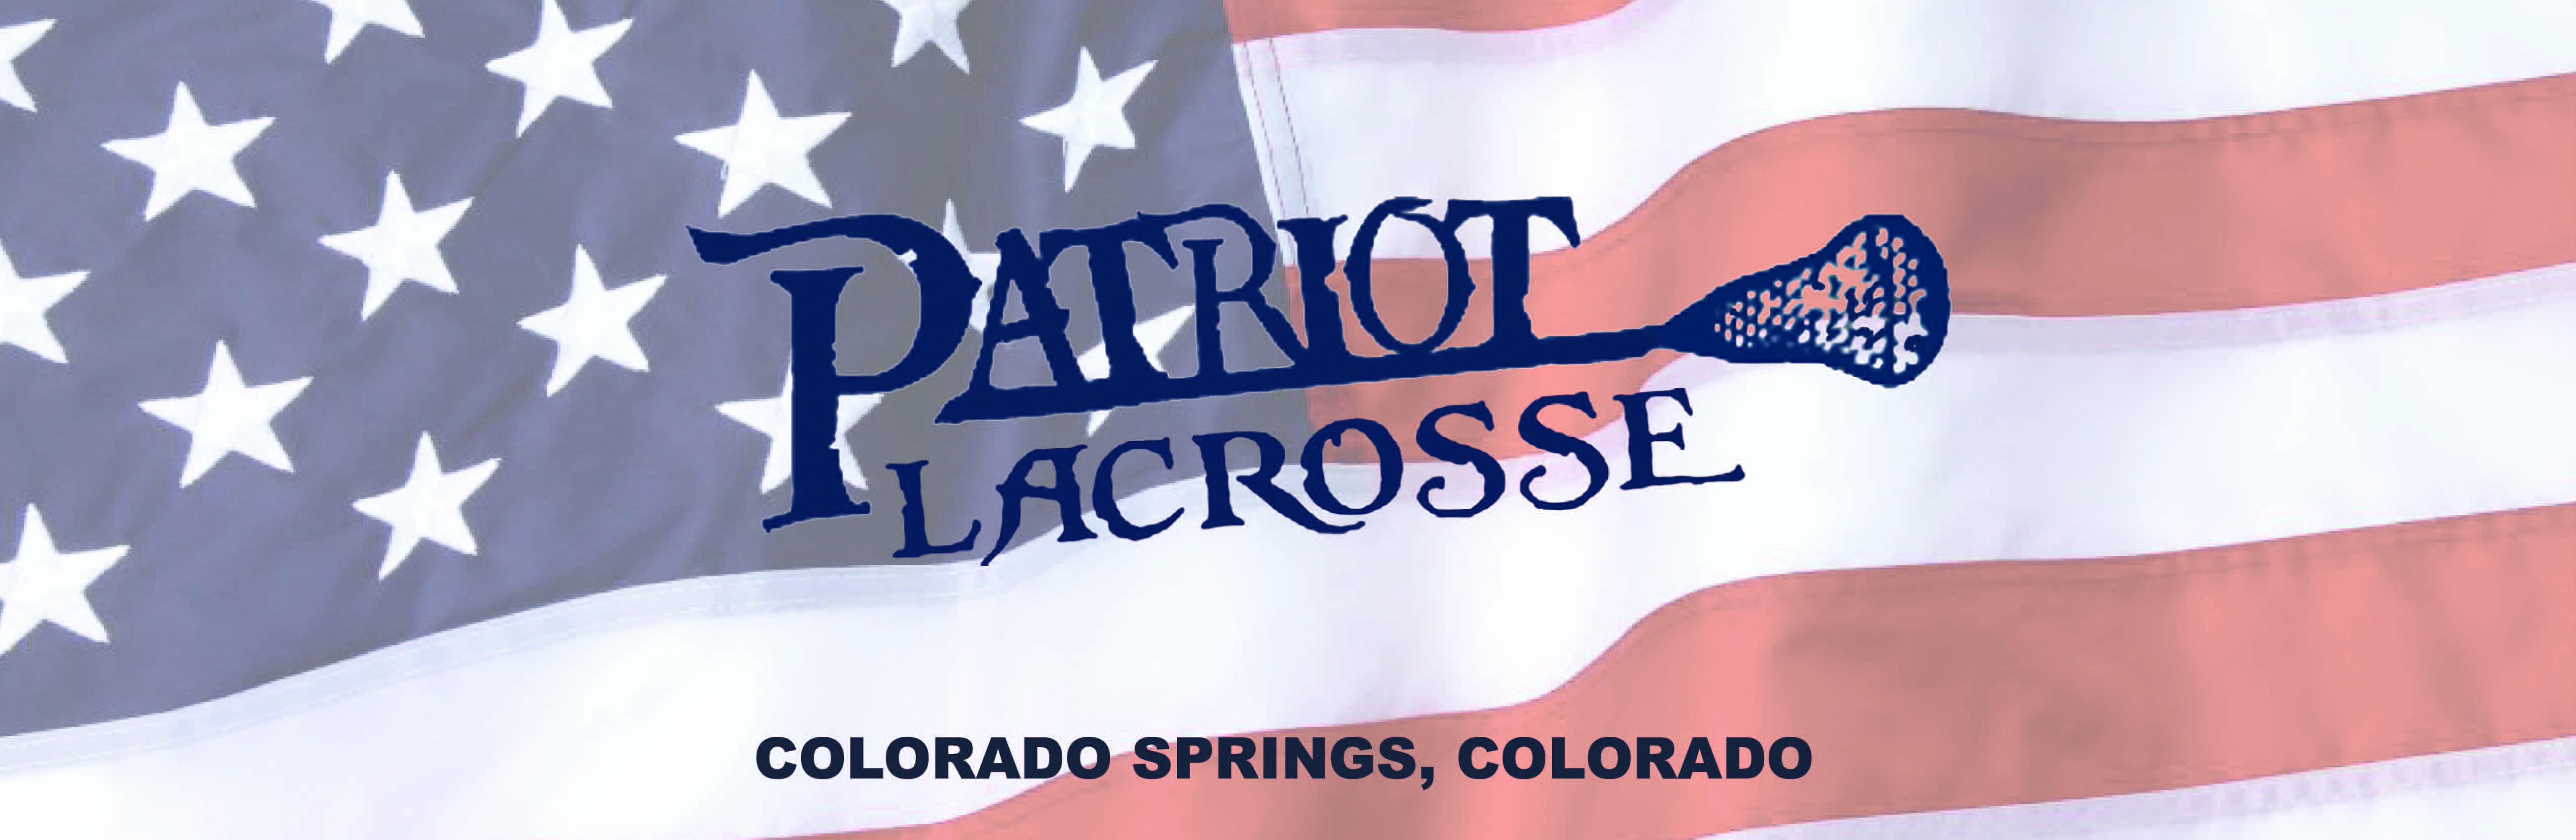 Patriot Lacrosse, Lacrosse, Goal, Field